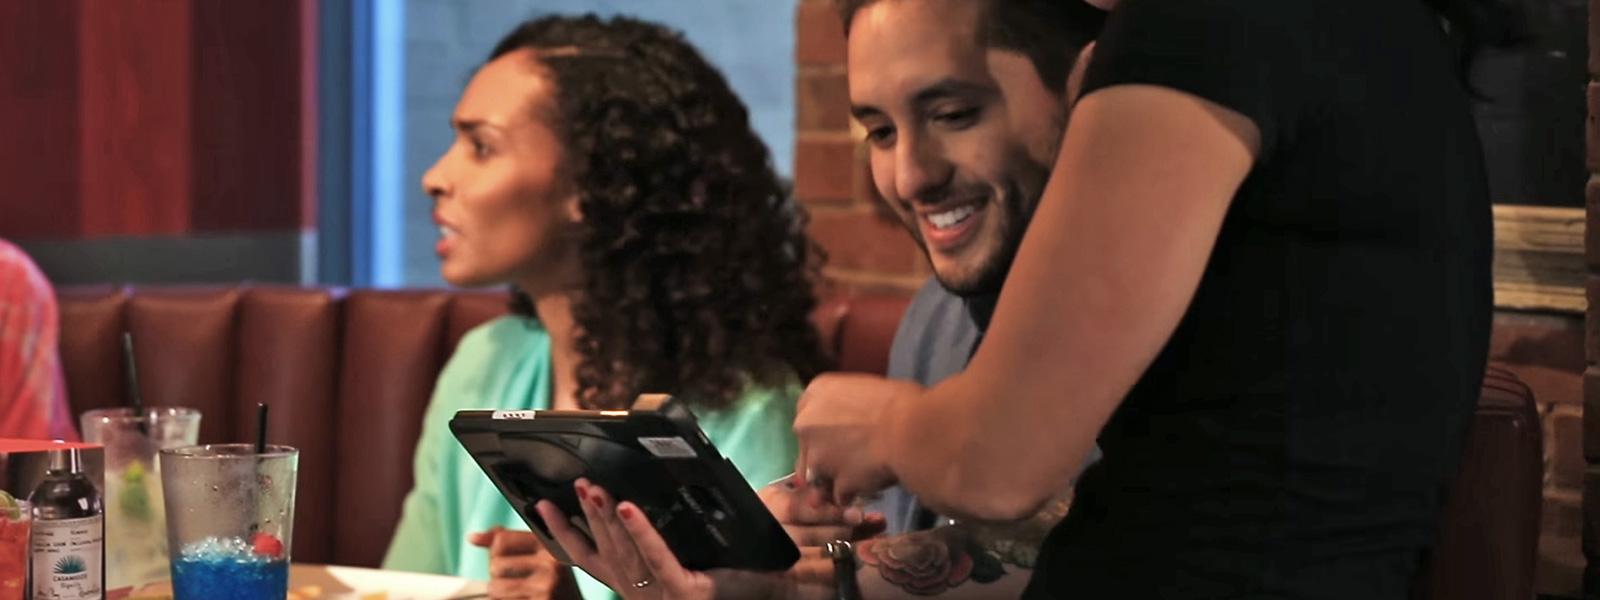 Clienti di TGI Fridays che interagiscono con il dispositivo al tavolo